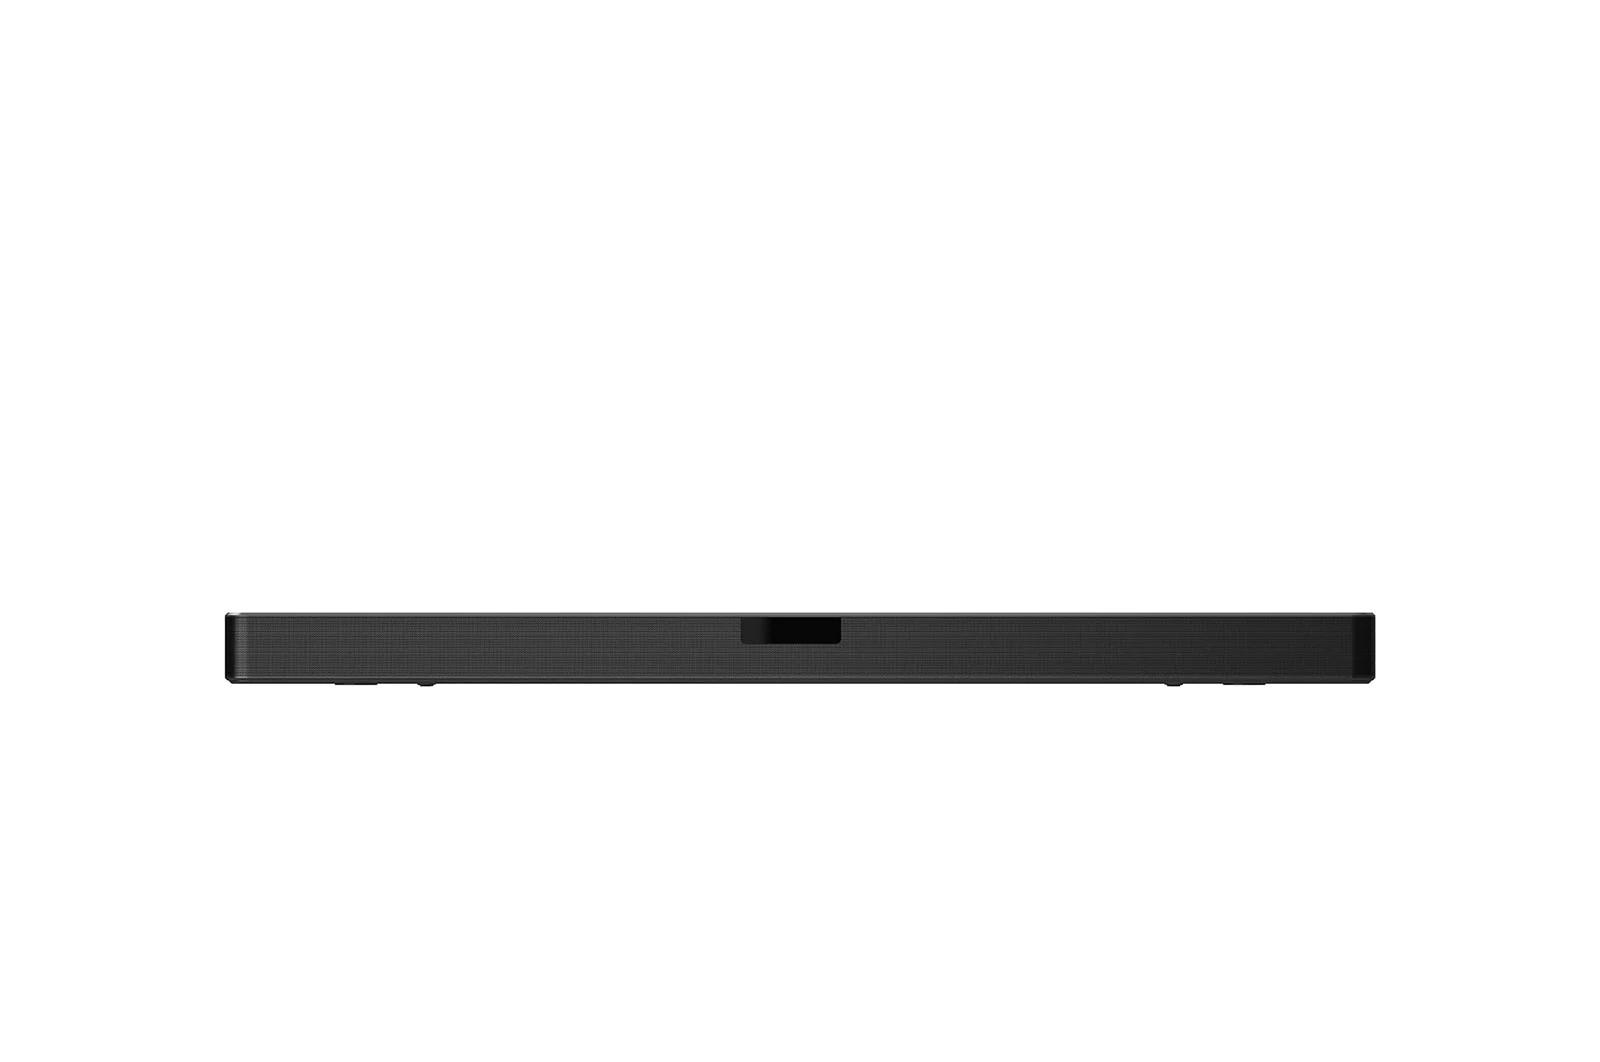 barra de sonido lg sn5y 2.1 bluetooth